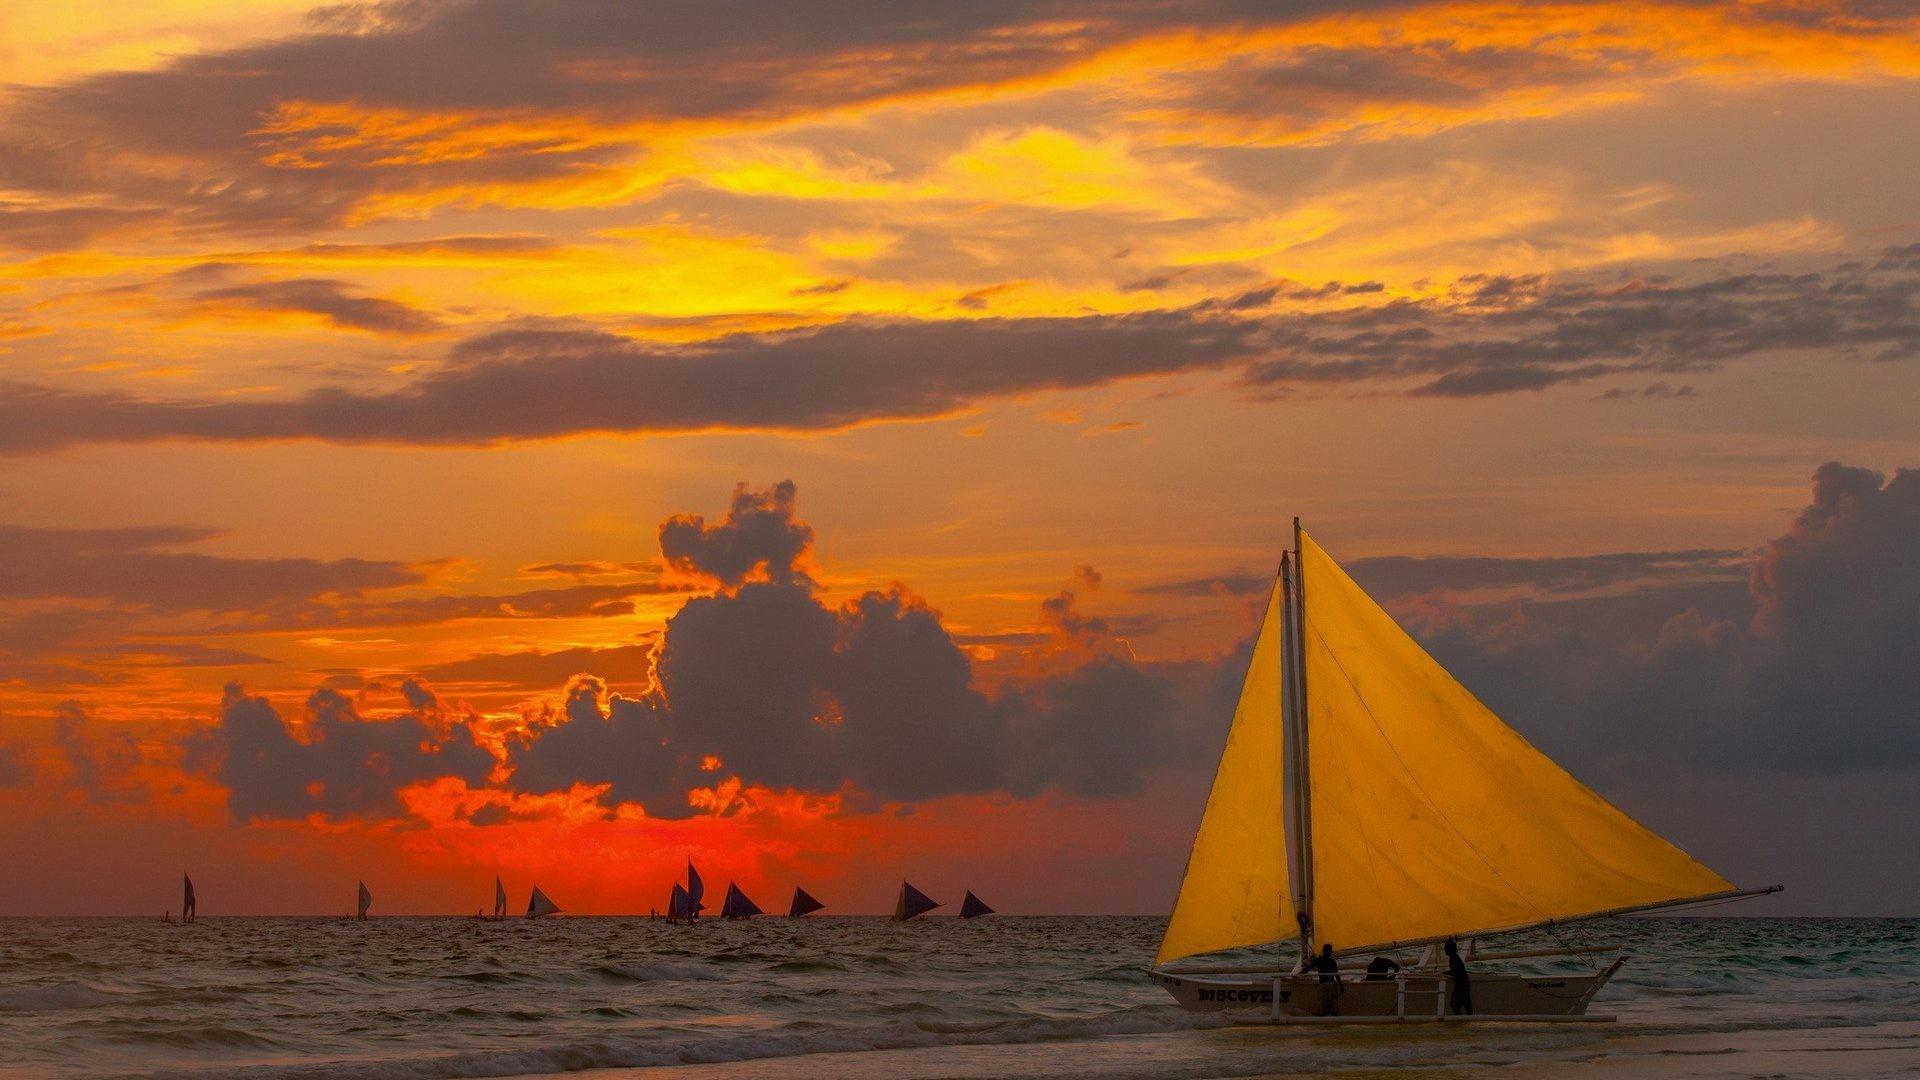 Sail Tag – Sail Sailing Sunset Sailboats Boat Ocean Wallpapers For Computer  for HD 16: